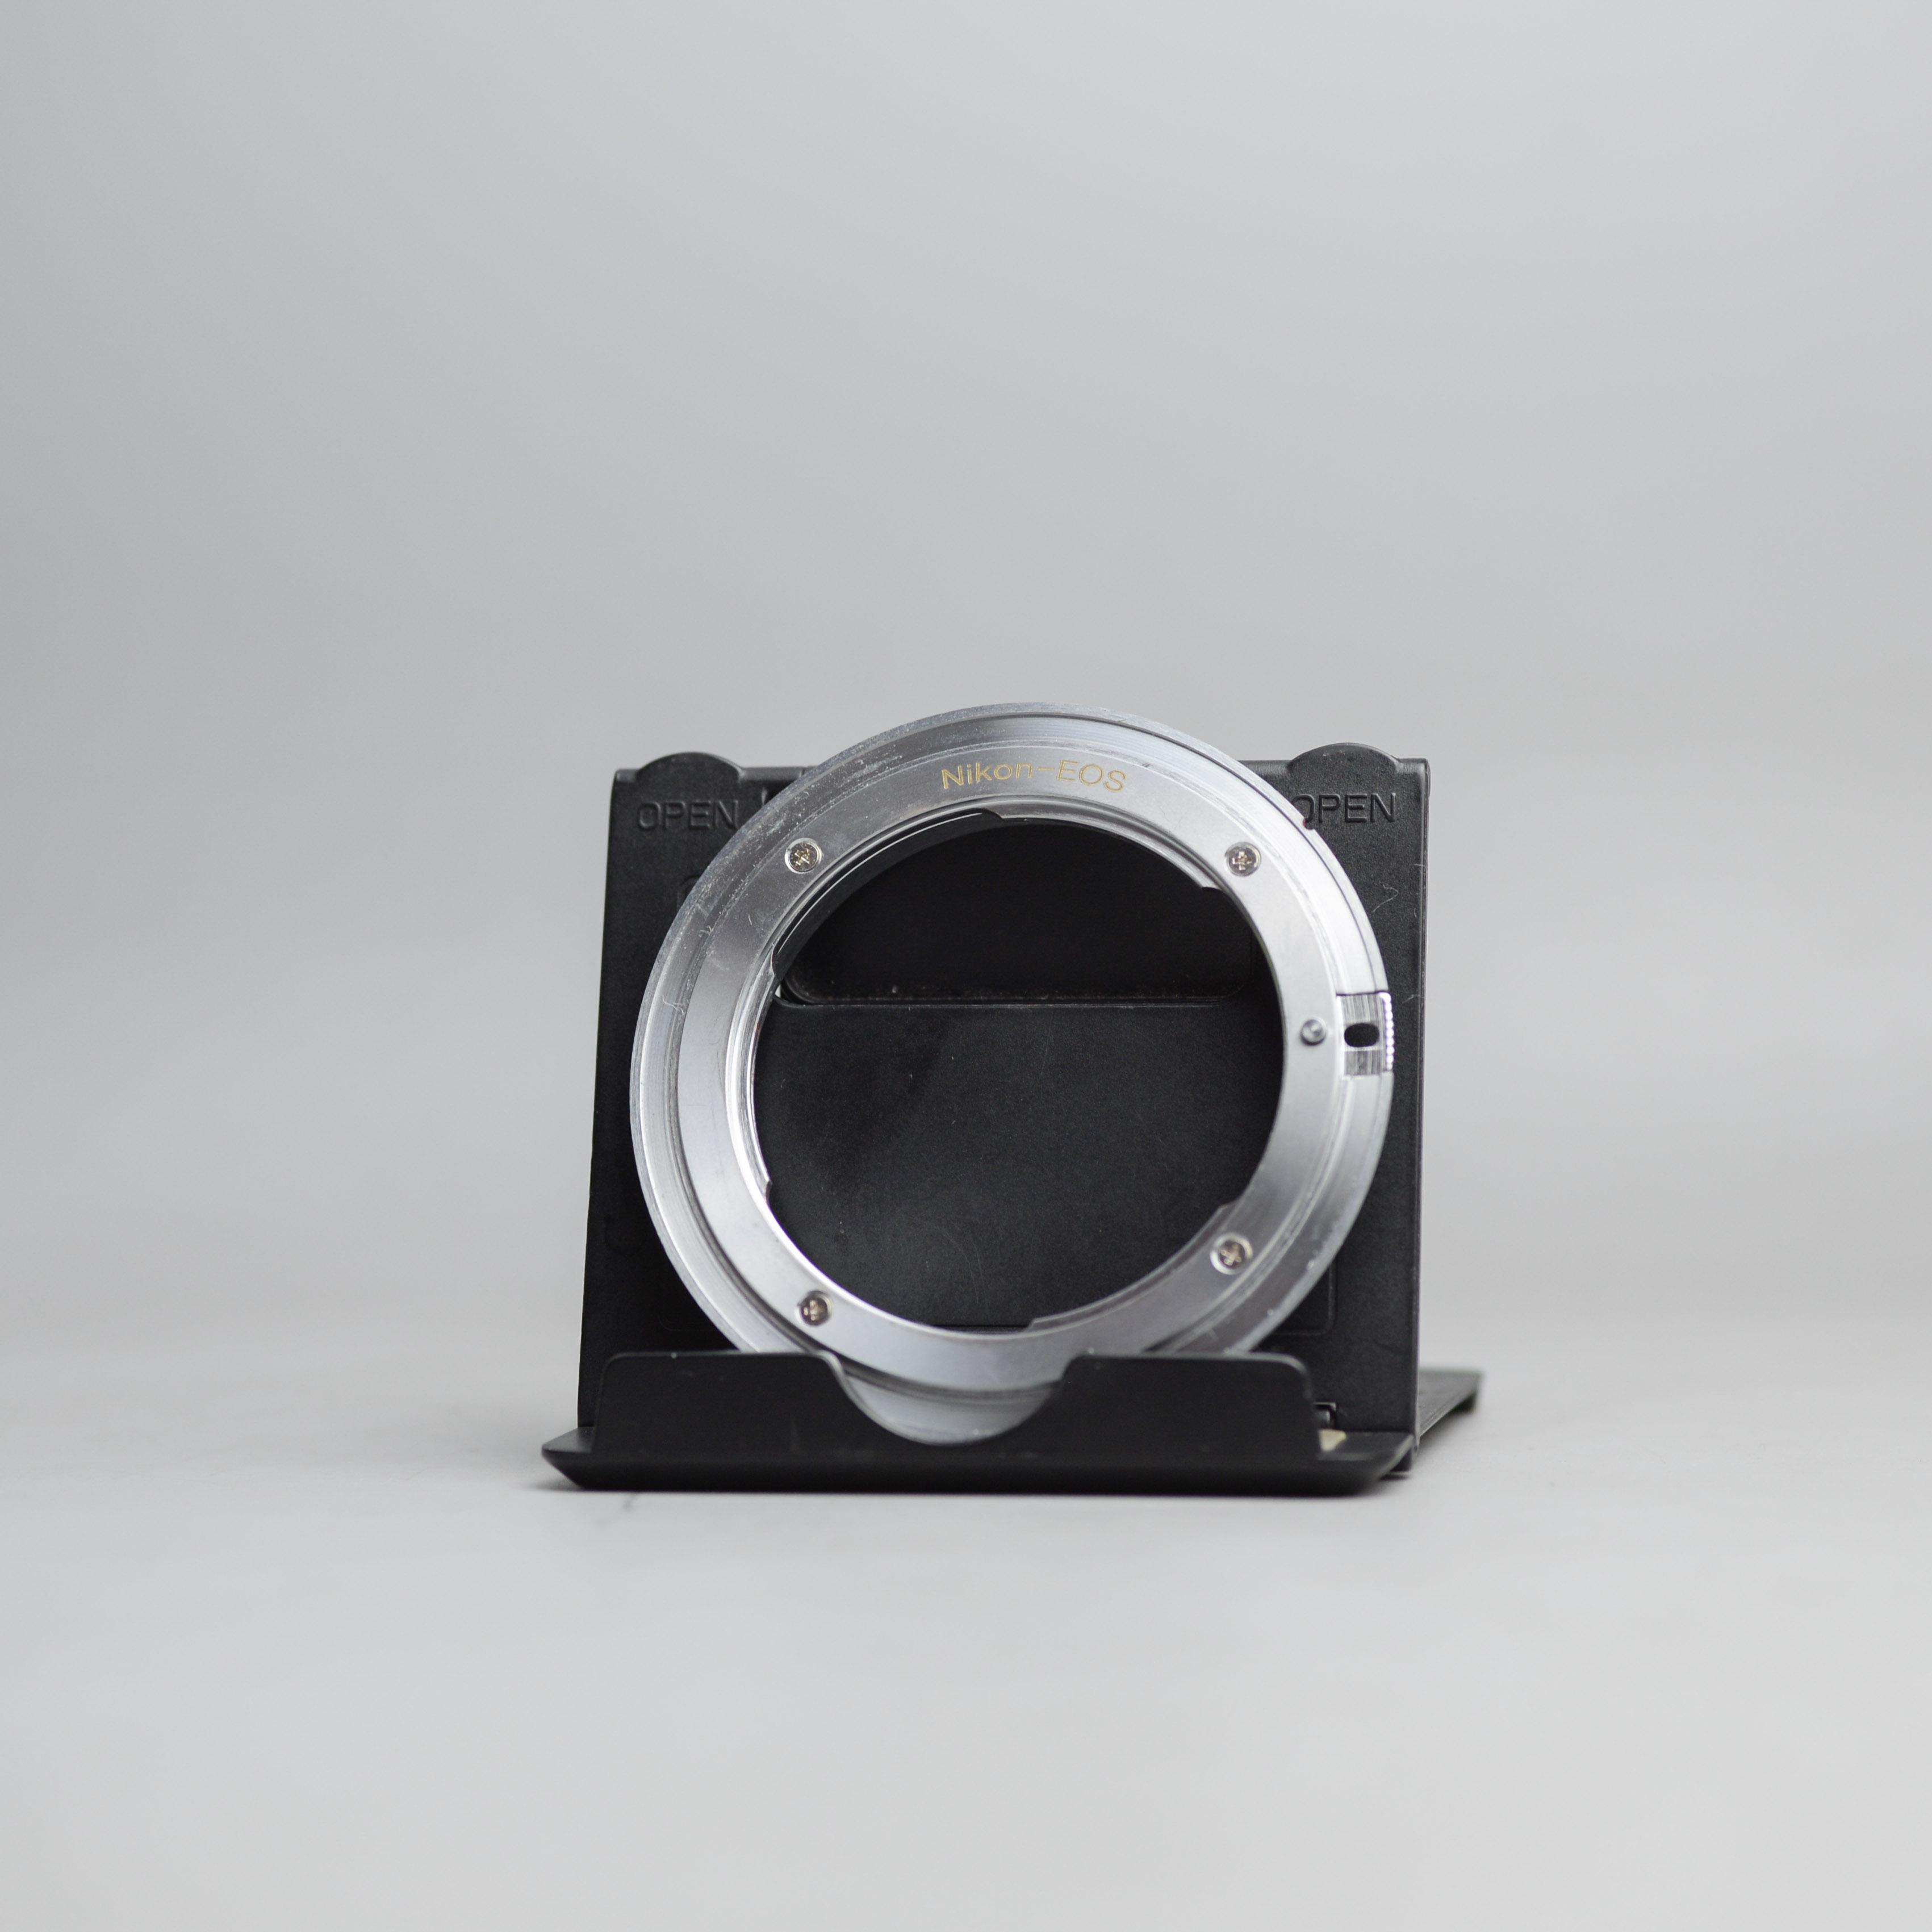 ngam-chuyen-nikon-eos-co-chip-bao-net